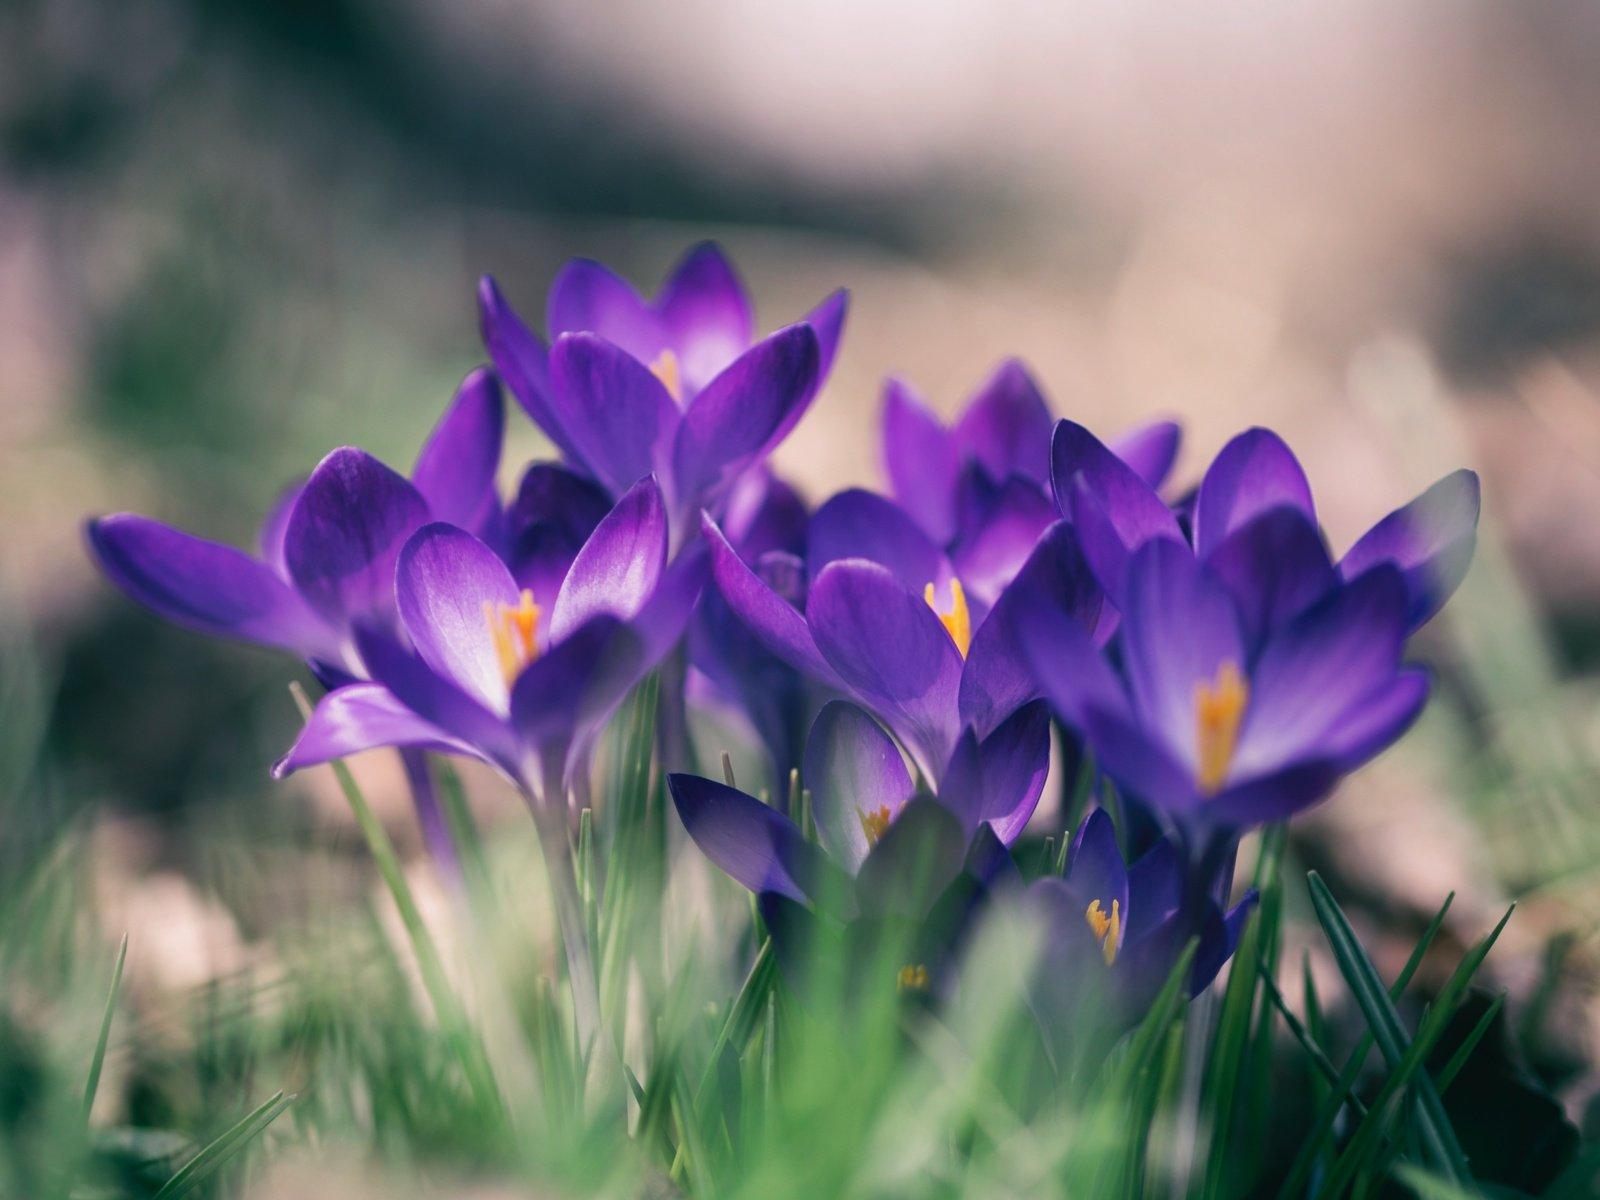 Balandžio 16-oji: vardadieniai, astrologija